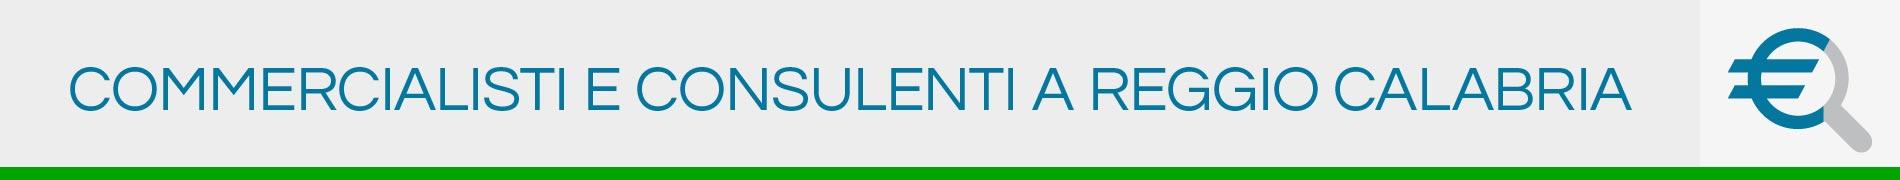 Commercialisti e Consulenti a Reggio Calabria